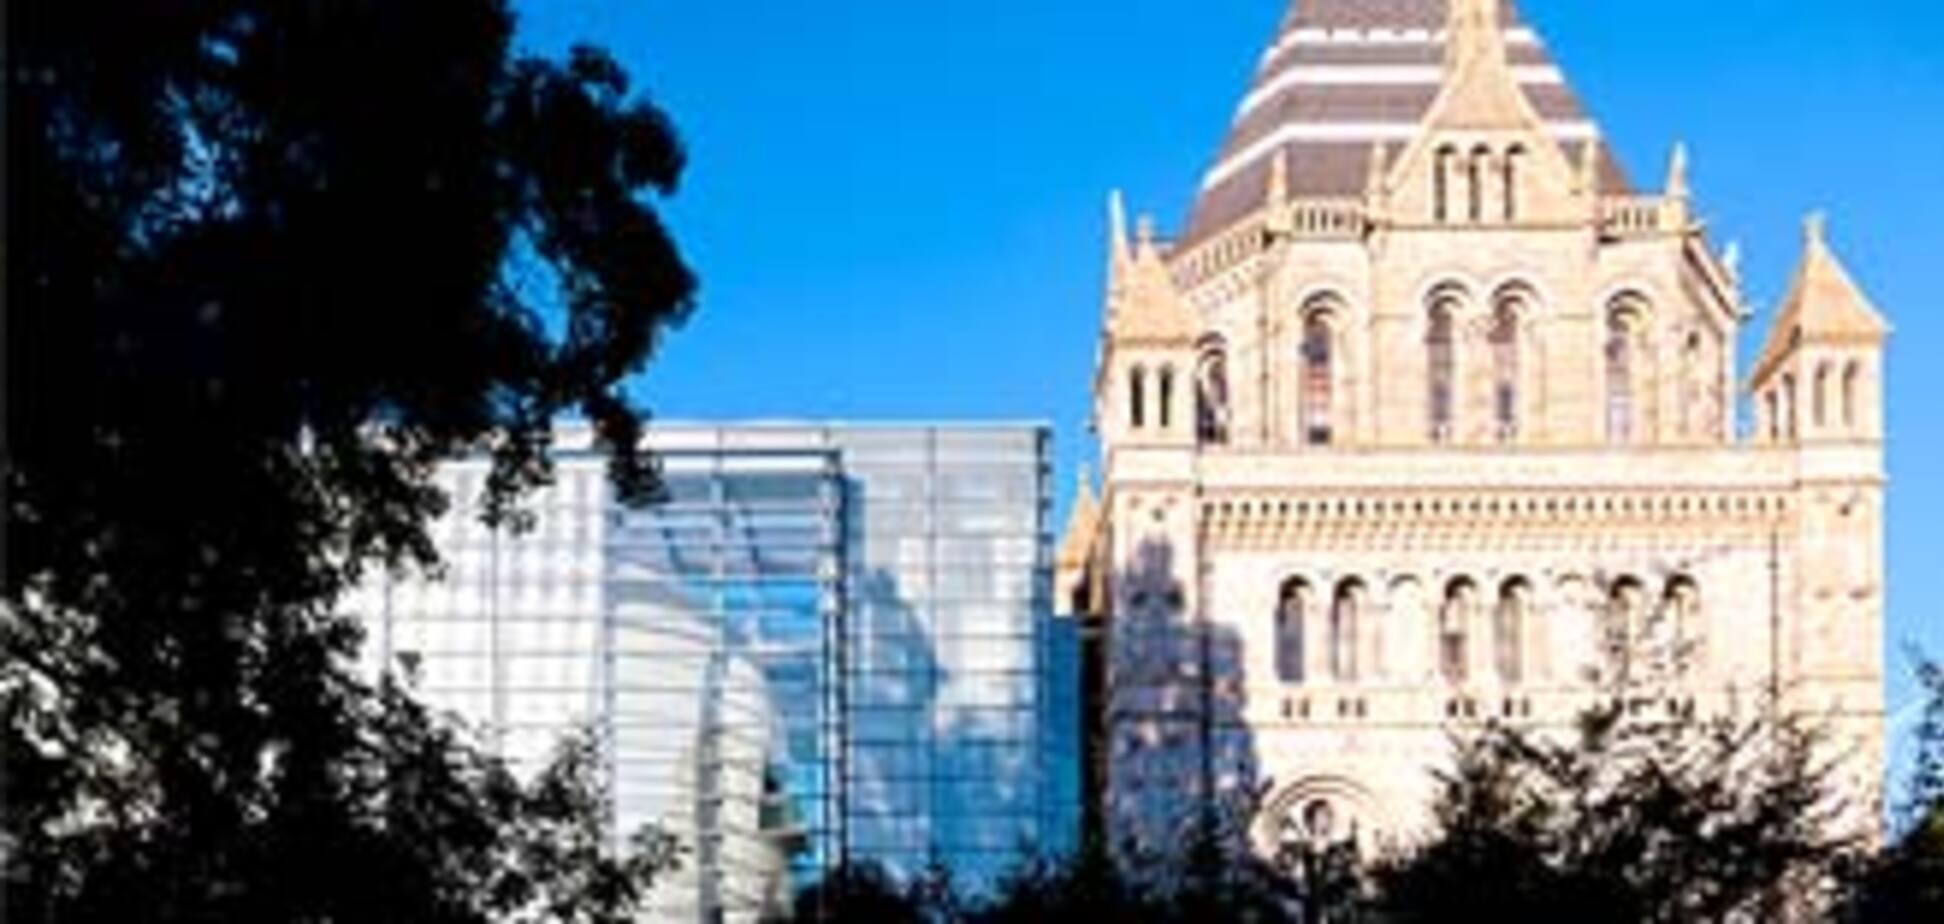 Музей 'Кокон' вмістить у себе 34 млн рослин і комах